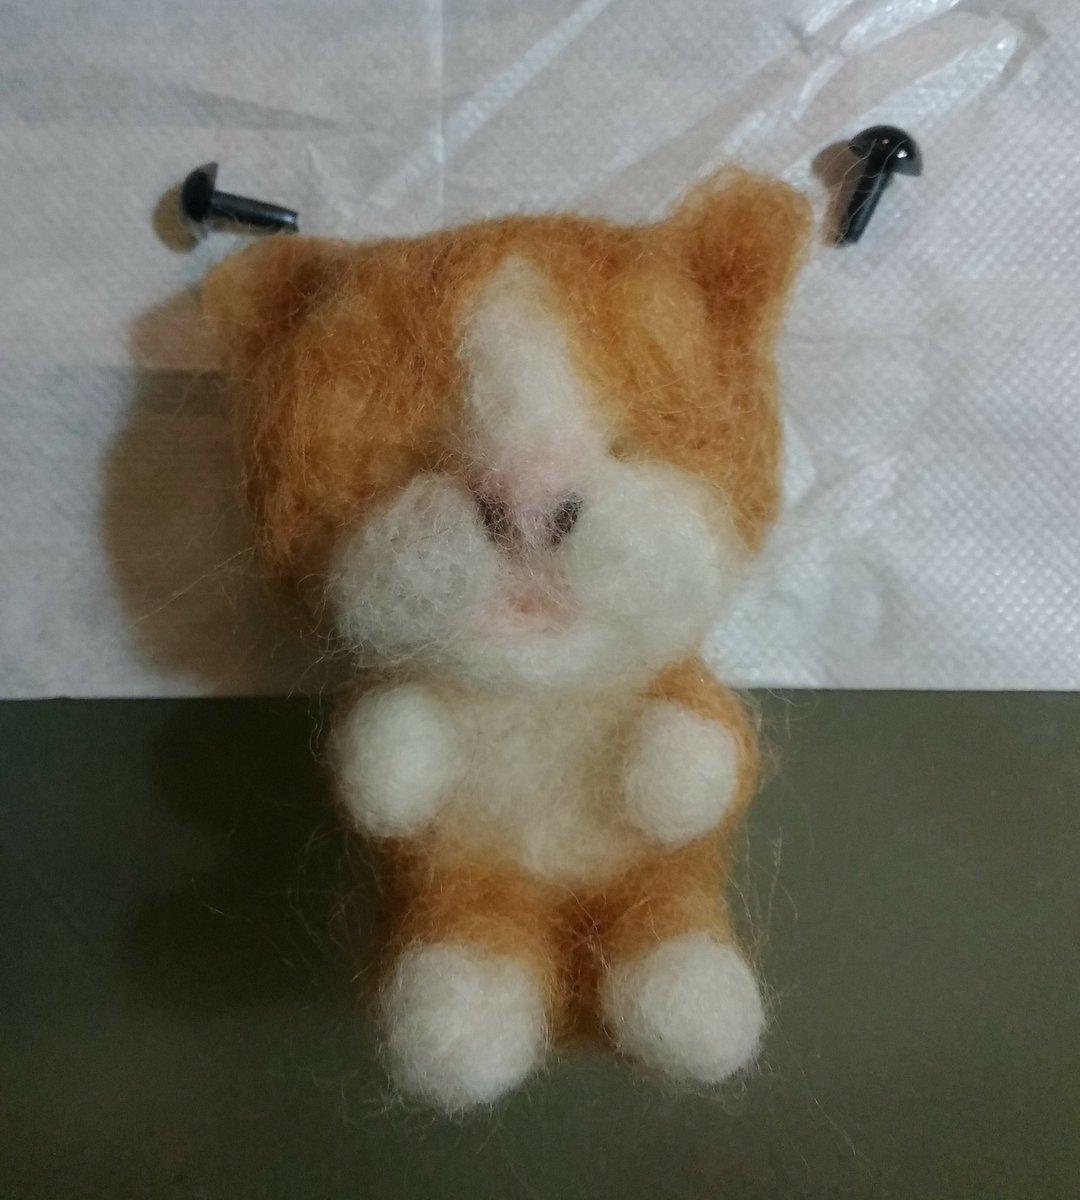 test ツイッターメディア - リアル猫を夢見て付属品の目パーツではなくキャットアイを購入。早速辺りを付けてみたら………ナニコレ感が半端ない(´Д⊂ヽイキアタリバッタリヨクナイ  どう調整するか悩みつつ、尻尾パーツを先に制作。悔しいので尻尾は針金入りにして曲がるようしてやる! #羊毛フェルト #猫 #ダイソー https://t.co/ra4RoS8hP1